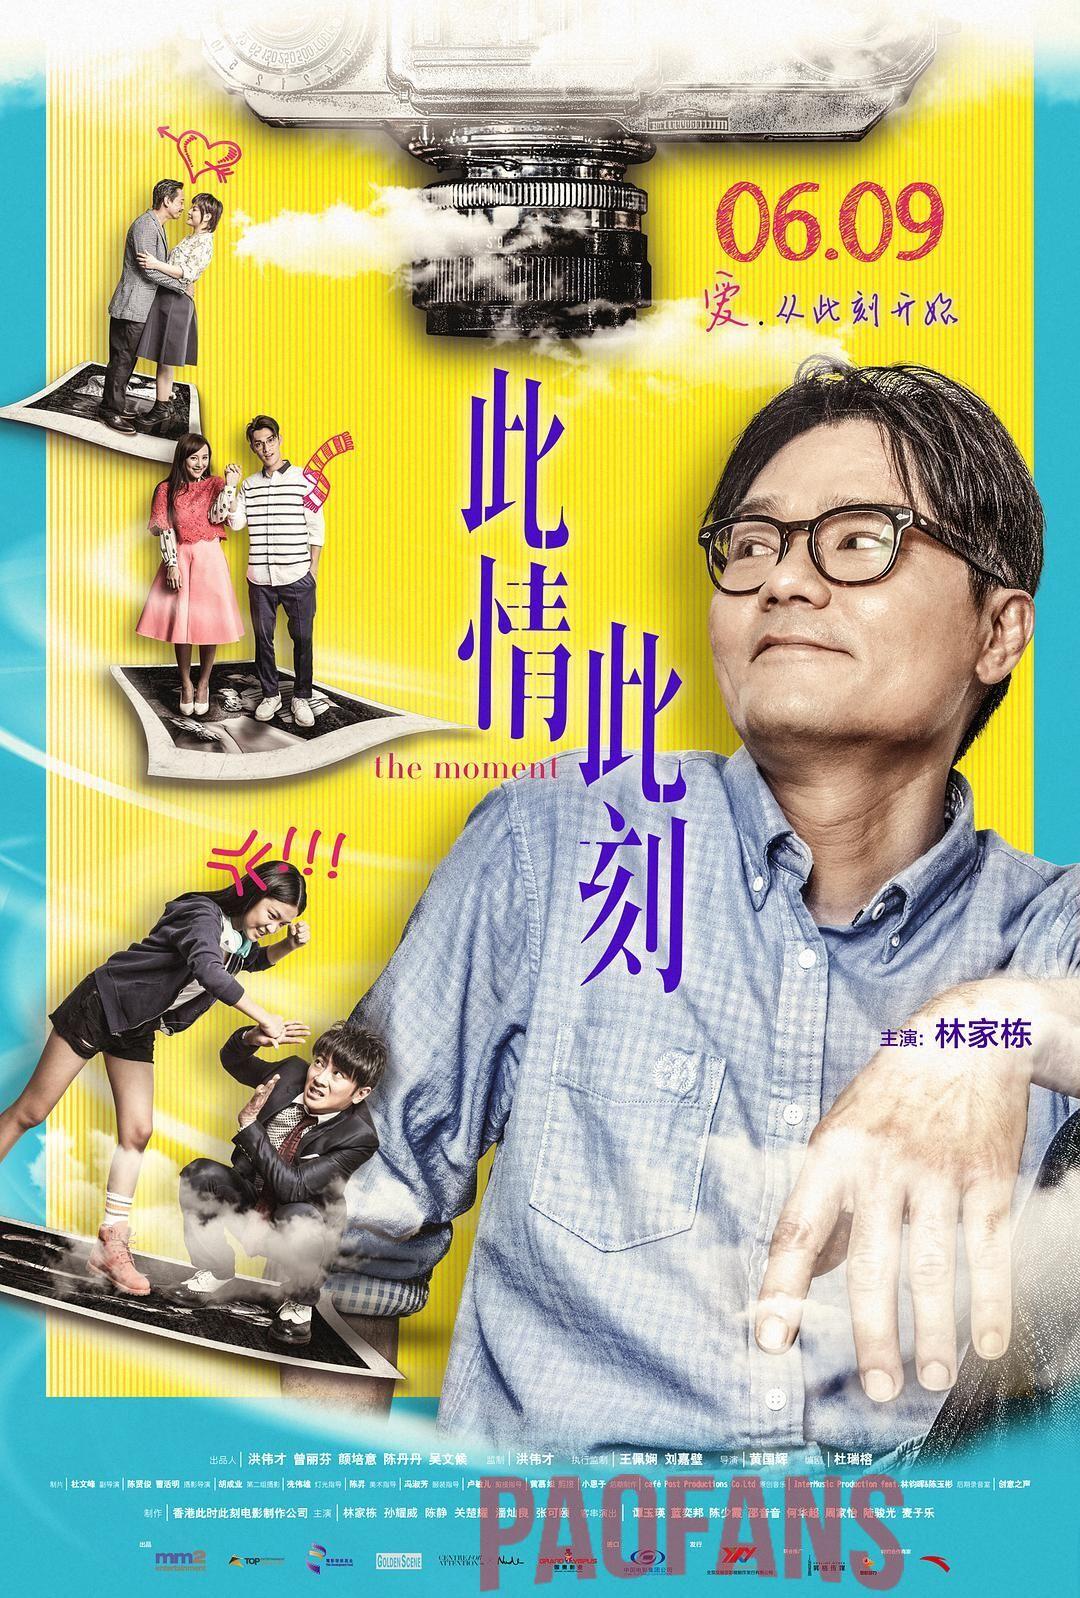 2017林家栋怀旧温情《此情此刻》BD1080p.国粤双语中字